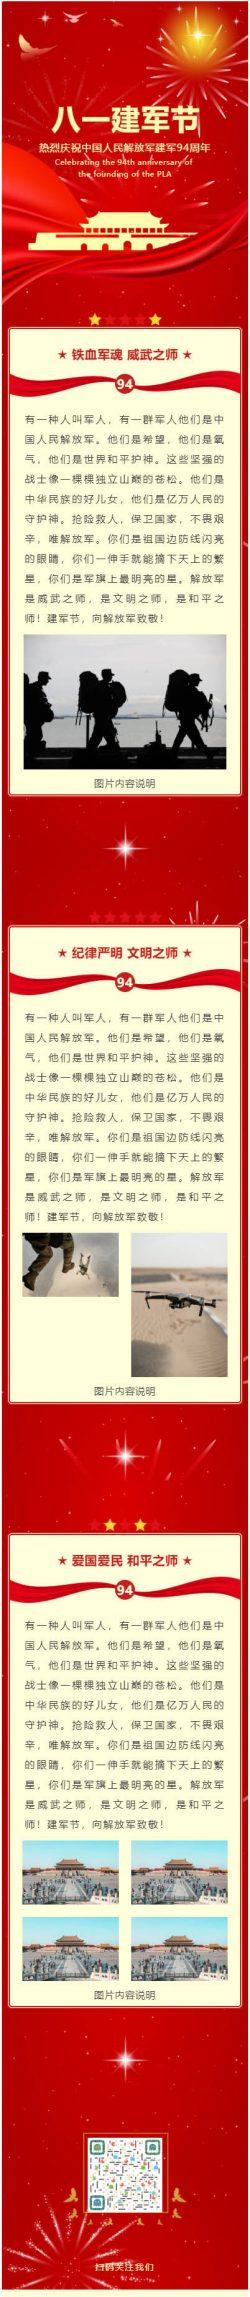 公众号八一建军节解放军微信推文模板推送文章图文素材